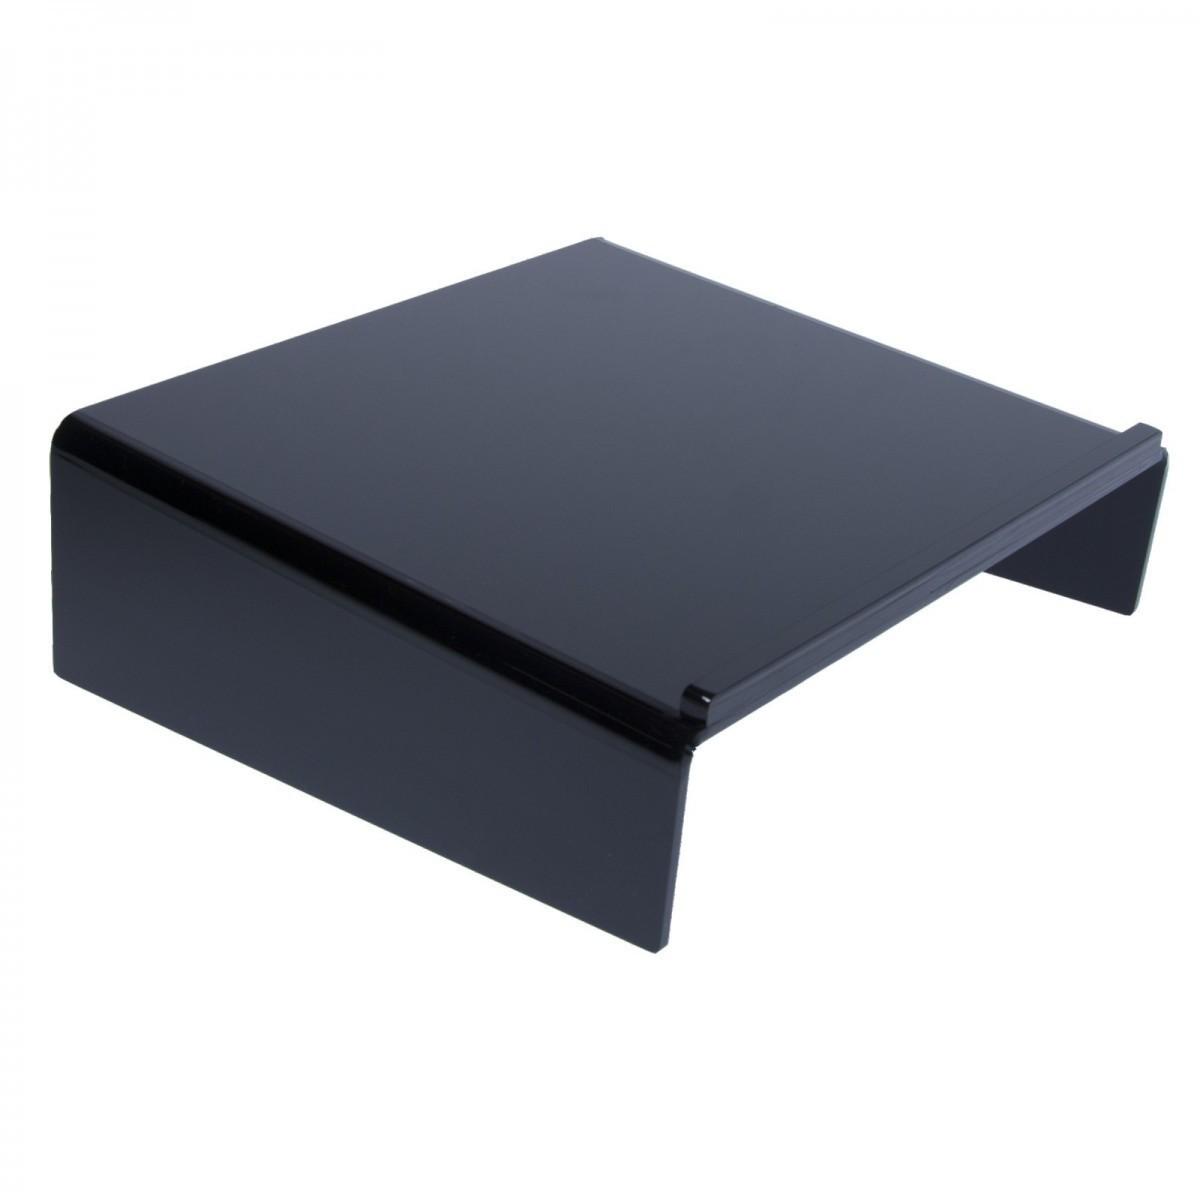 E-269 PNO - Porta notebook da tavolo in plexiglass colorato